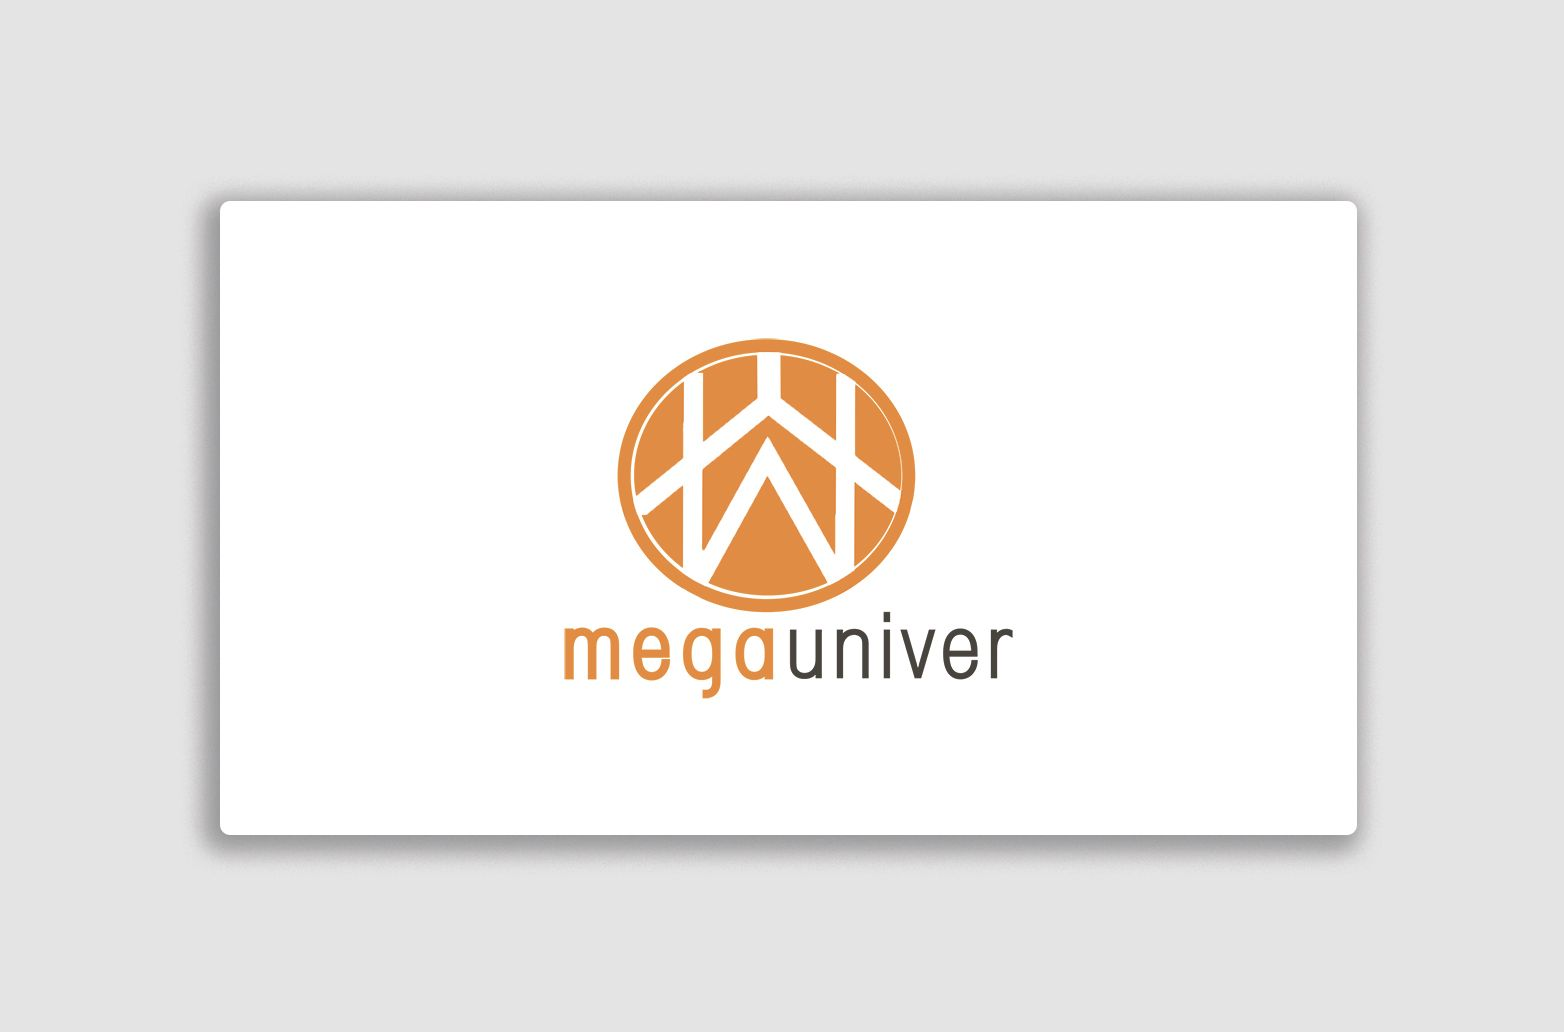 Разработка логотипа для сайта megauniver.ru - дизайнер sz888333